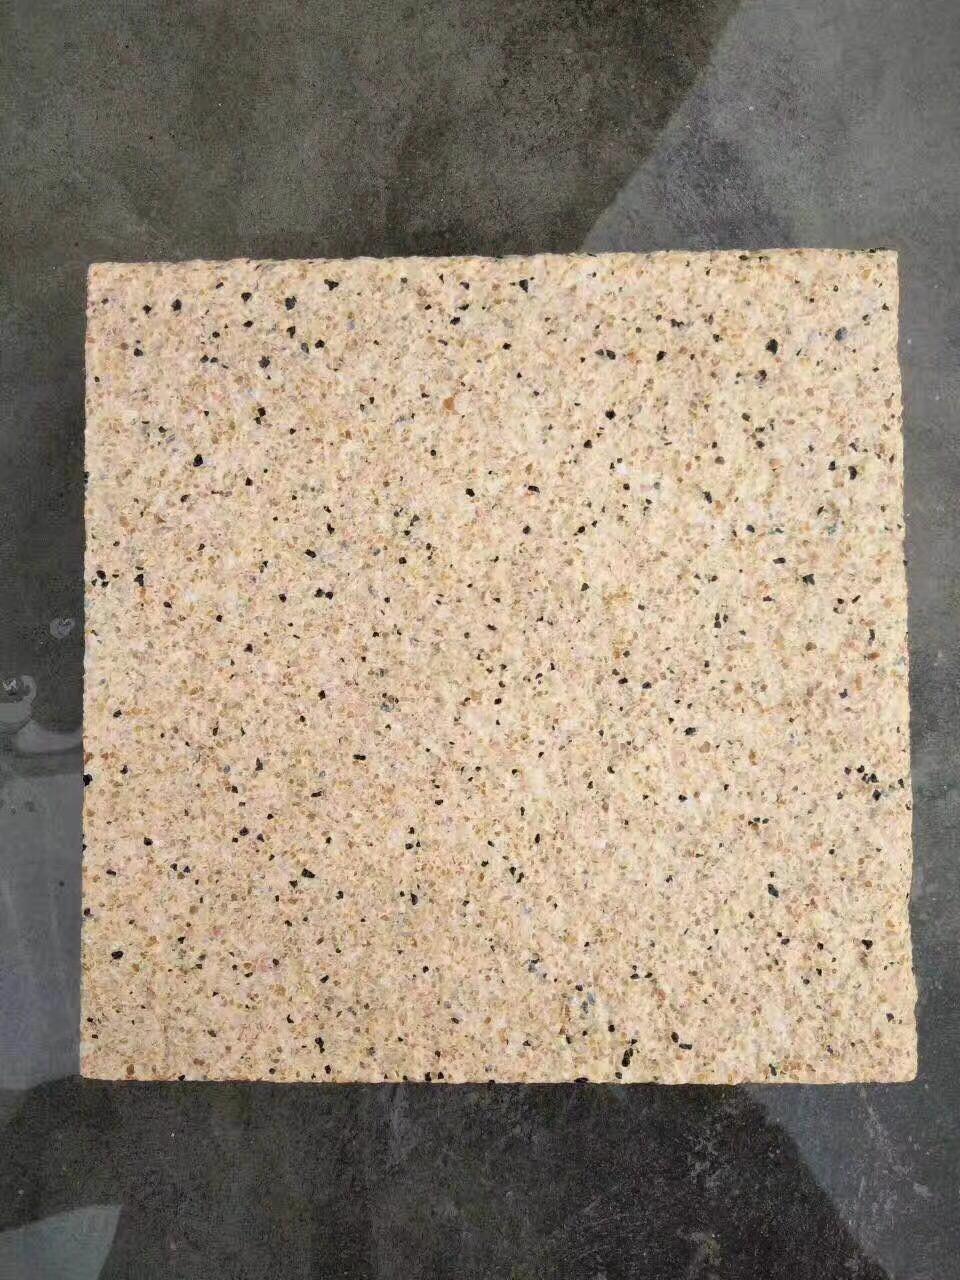 天津专业pc仿石砖厂家_pc仿石砖生产商相关-山东欧韵园林工程有限公司